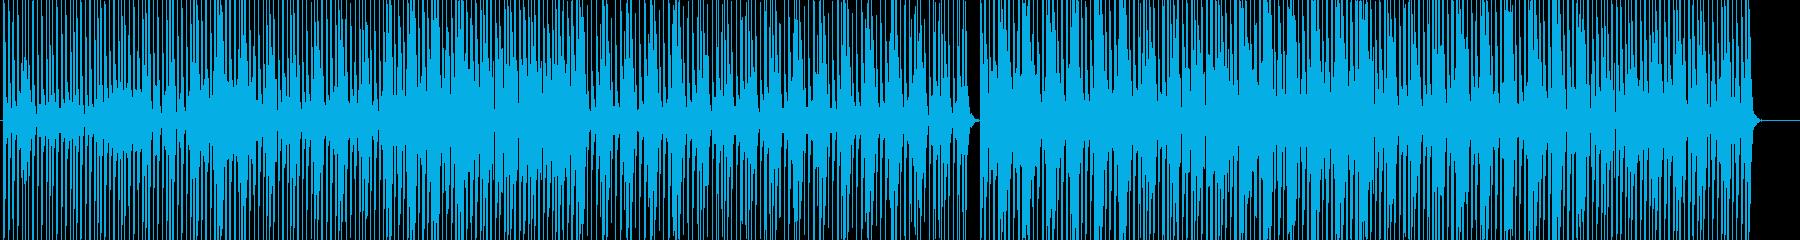 エレクトロ-カフェ-トロピカル-スイートの再生済みの波形